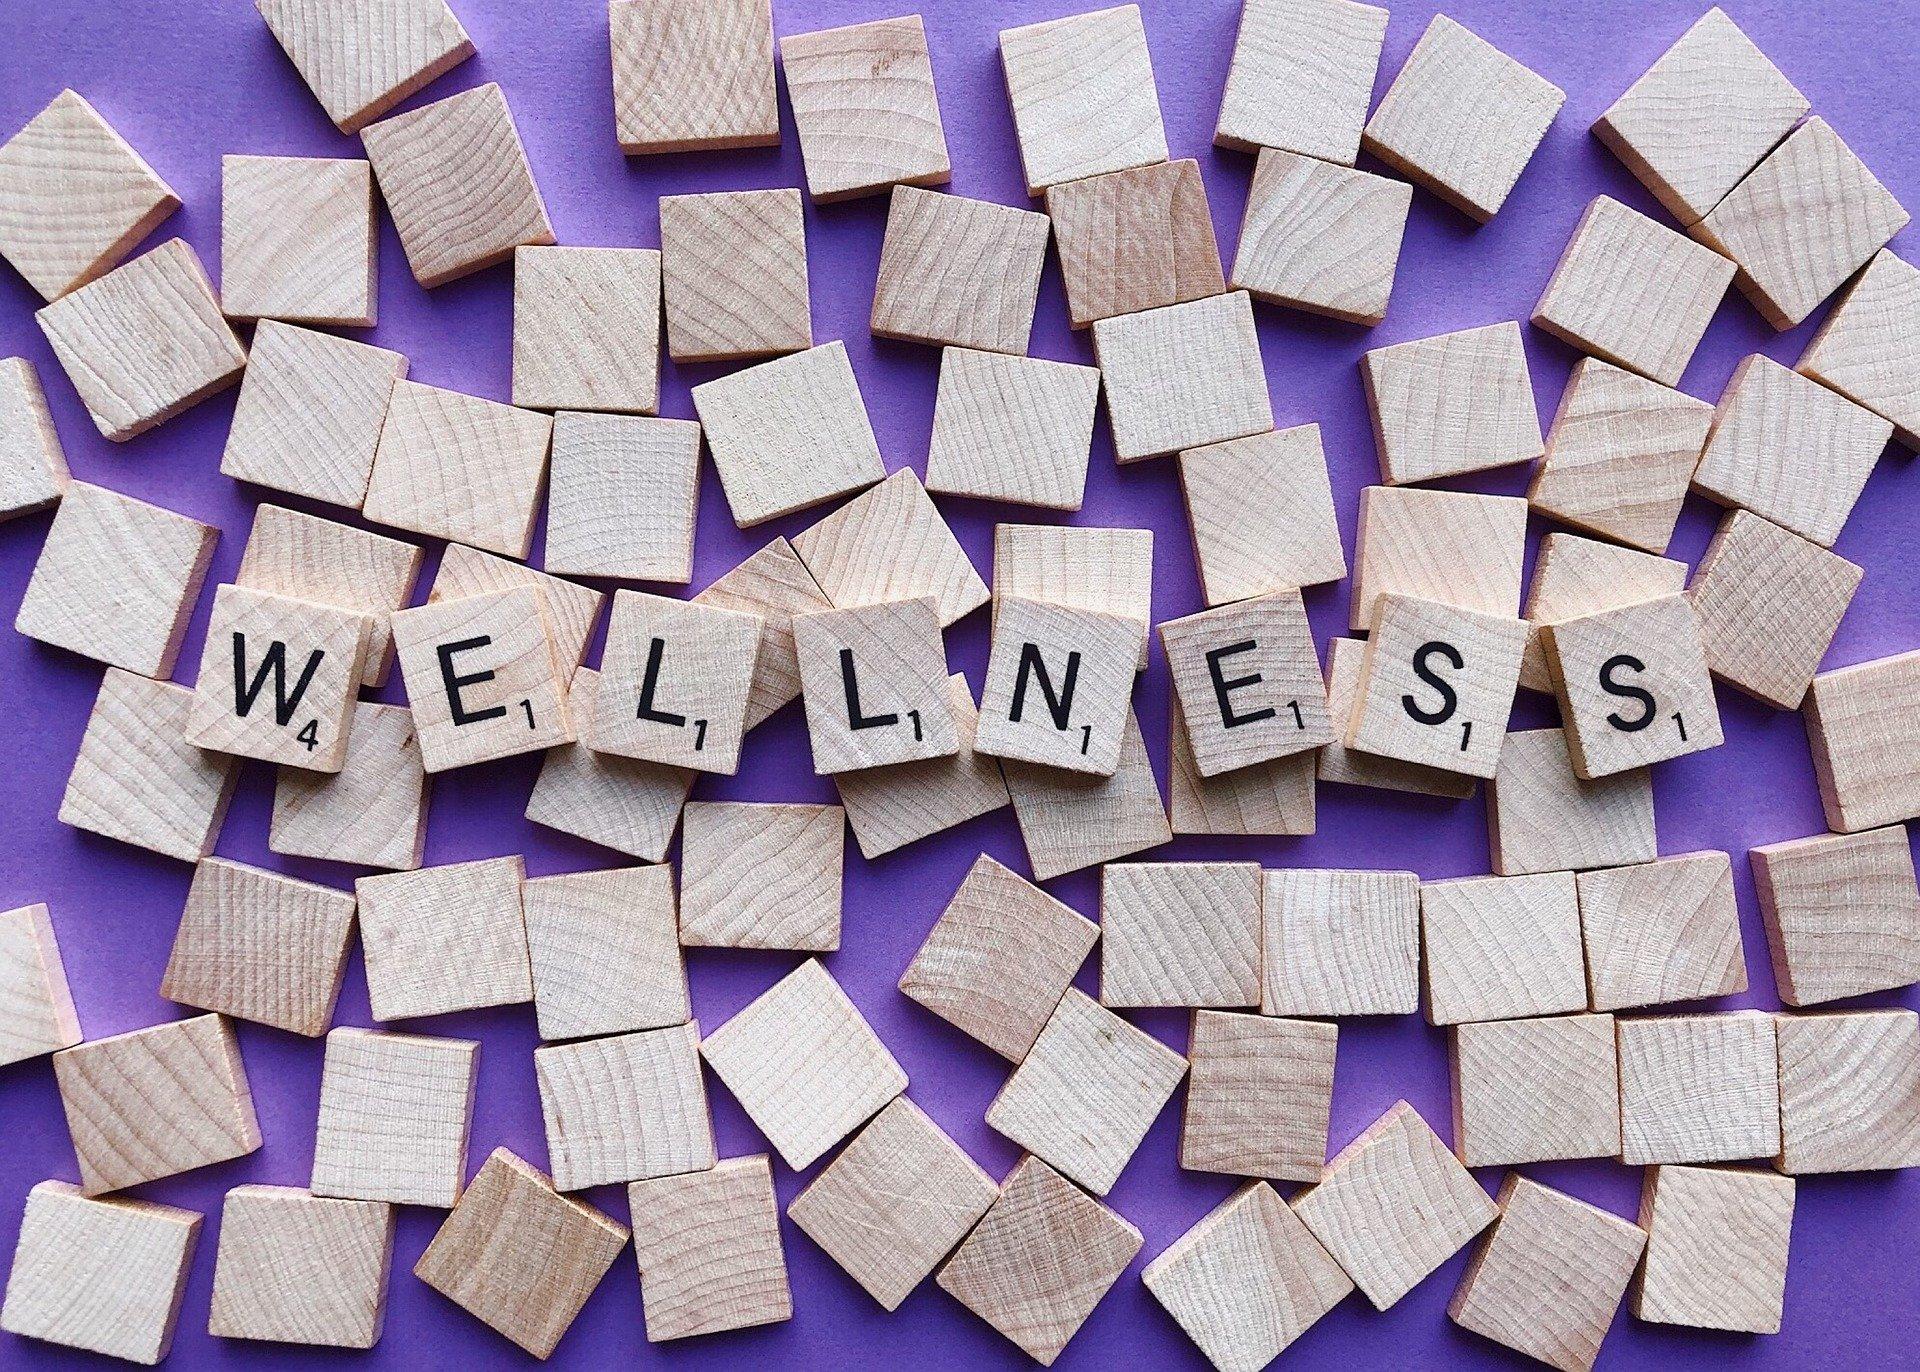 wellness-3961684_1920